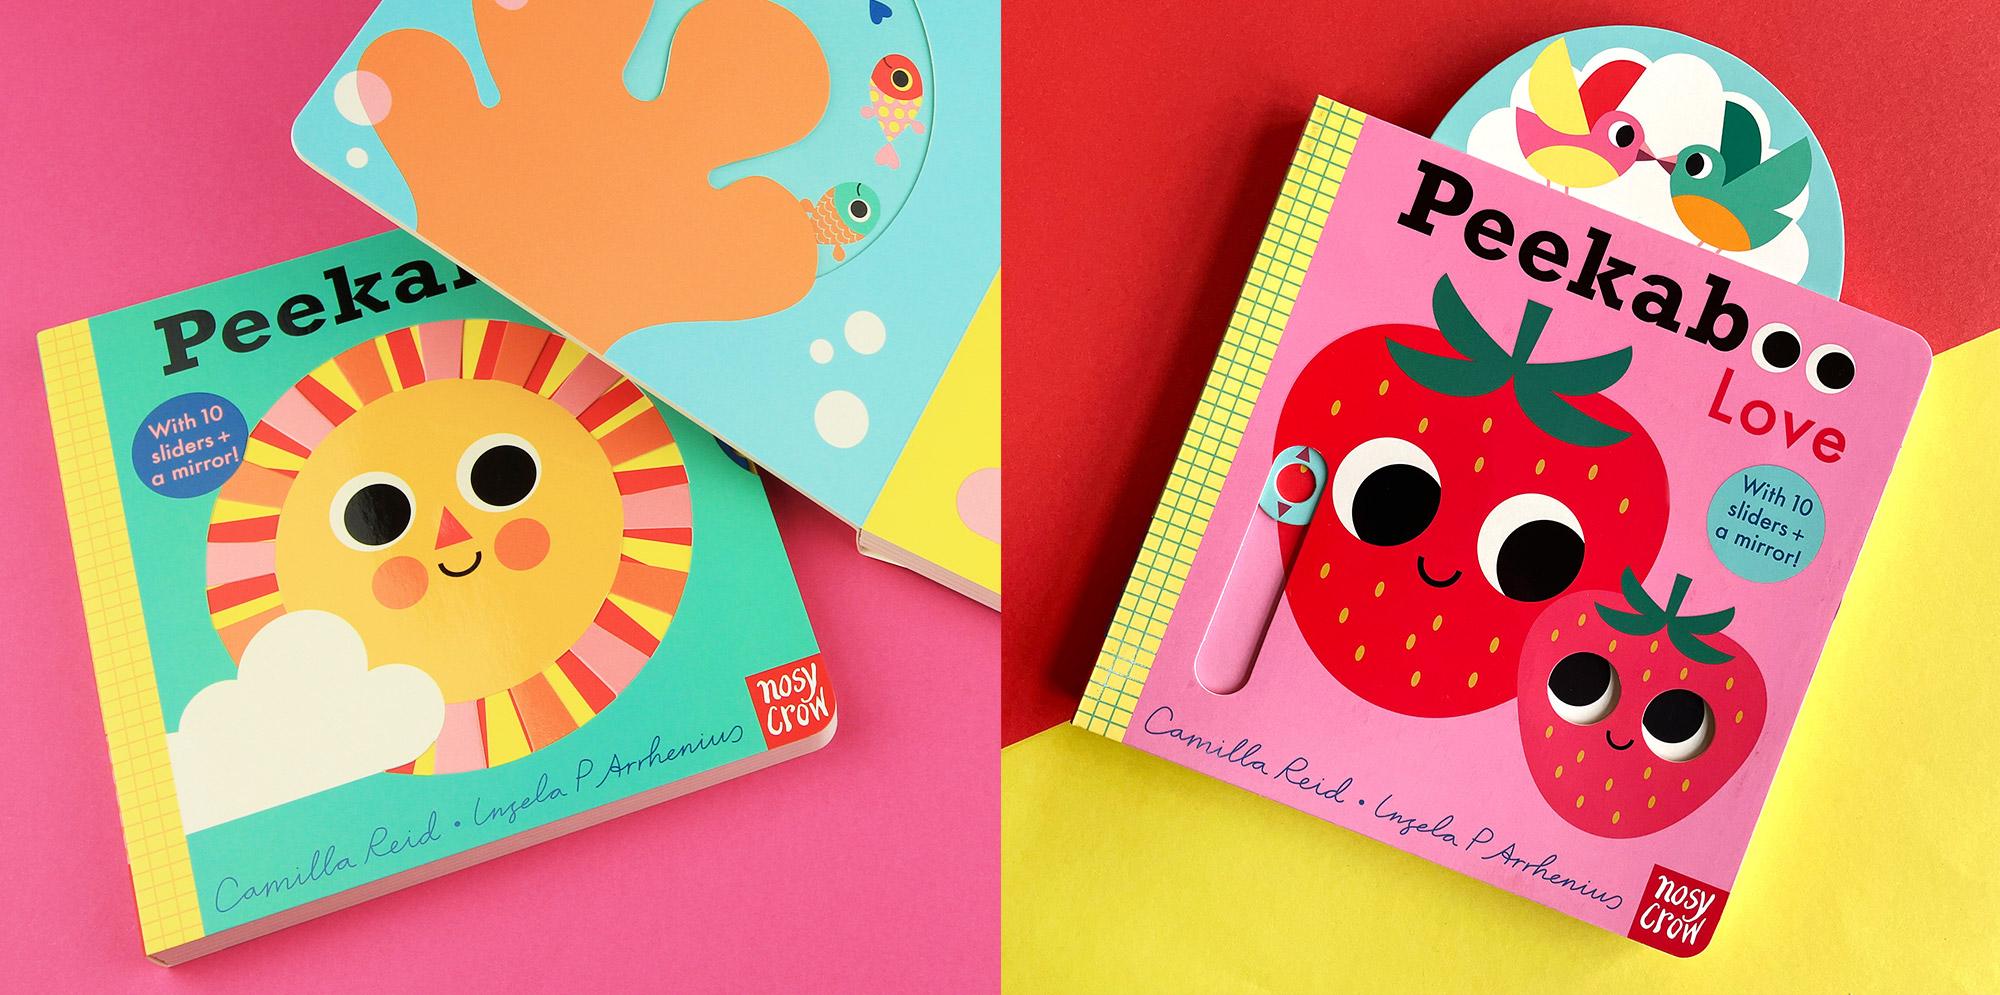 Peekaboo series by Ingela P Arrhenius and Camilla Reid